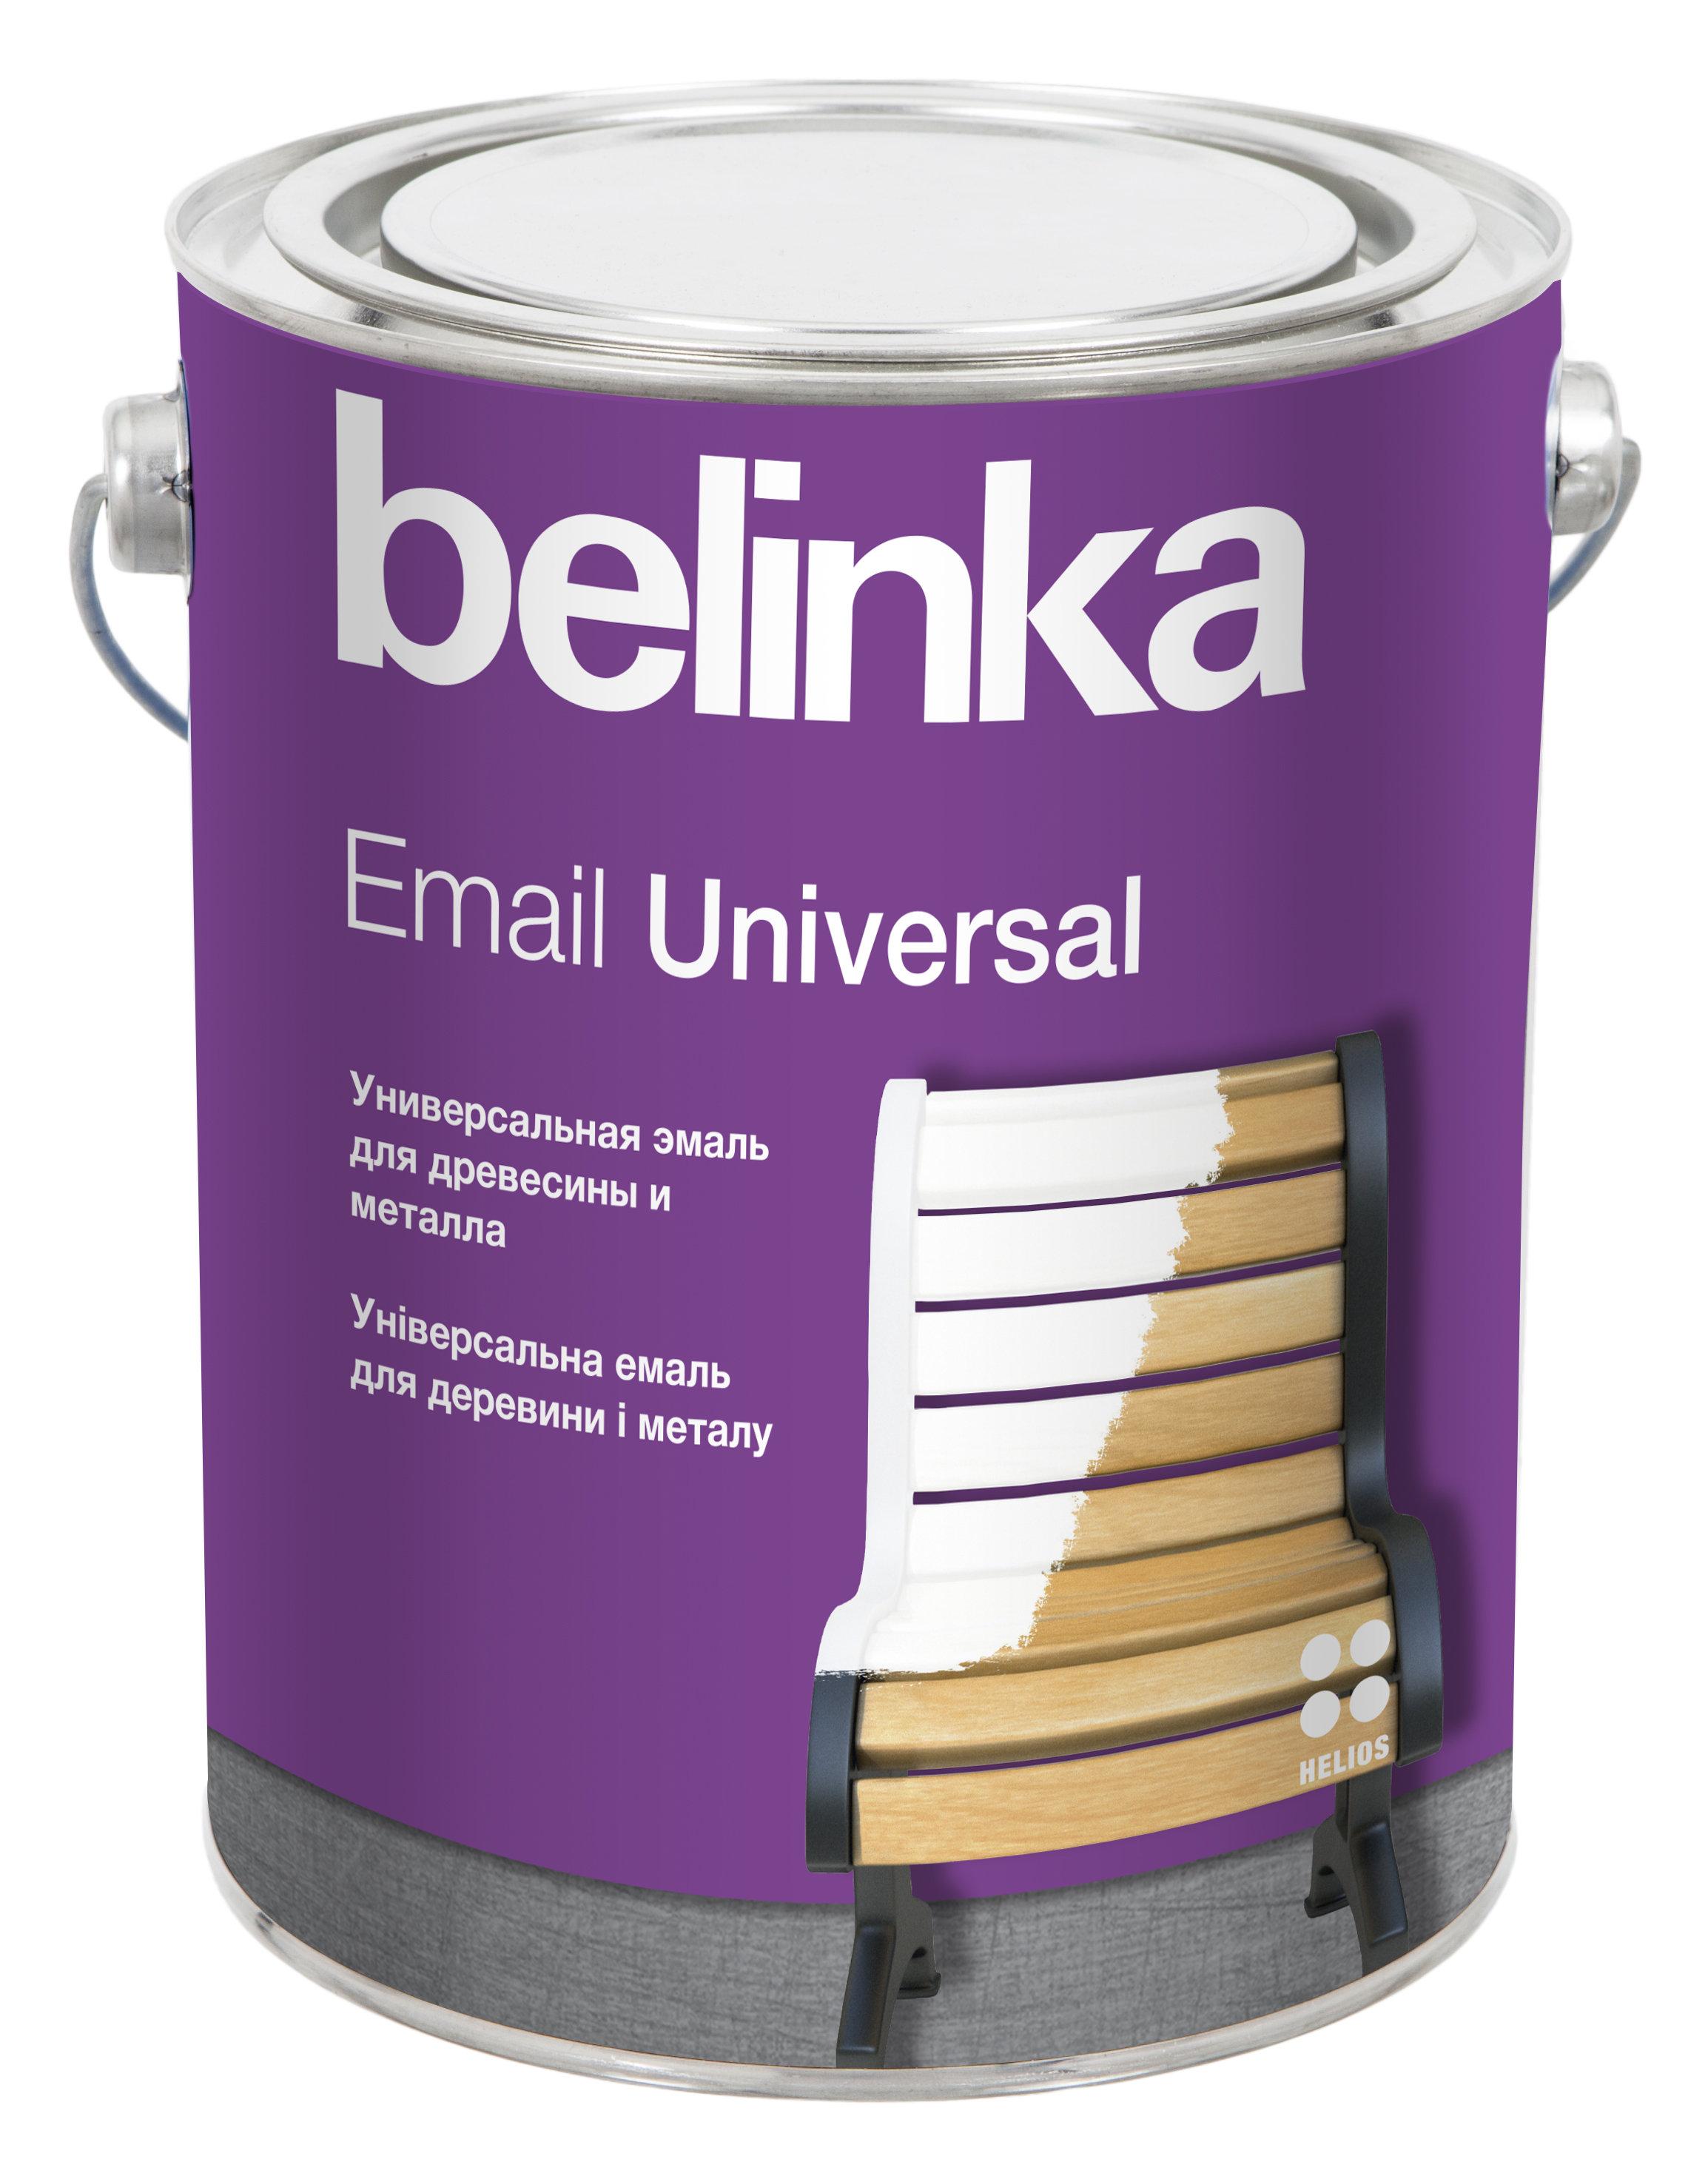 Belinka Email Universal B1 - эмаль для защиты и декора деревянных и металлических поверхностей в интерьере и экстерьере, 2.7 л., цвет Симфония